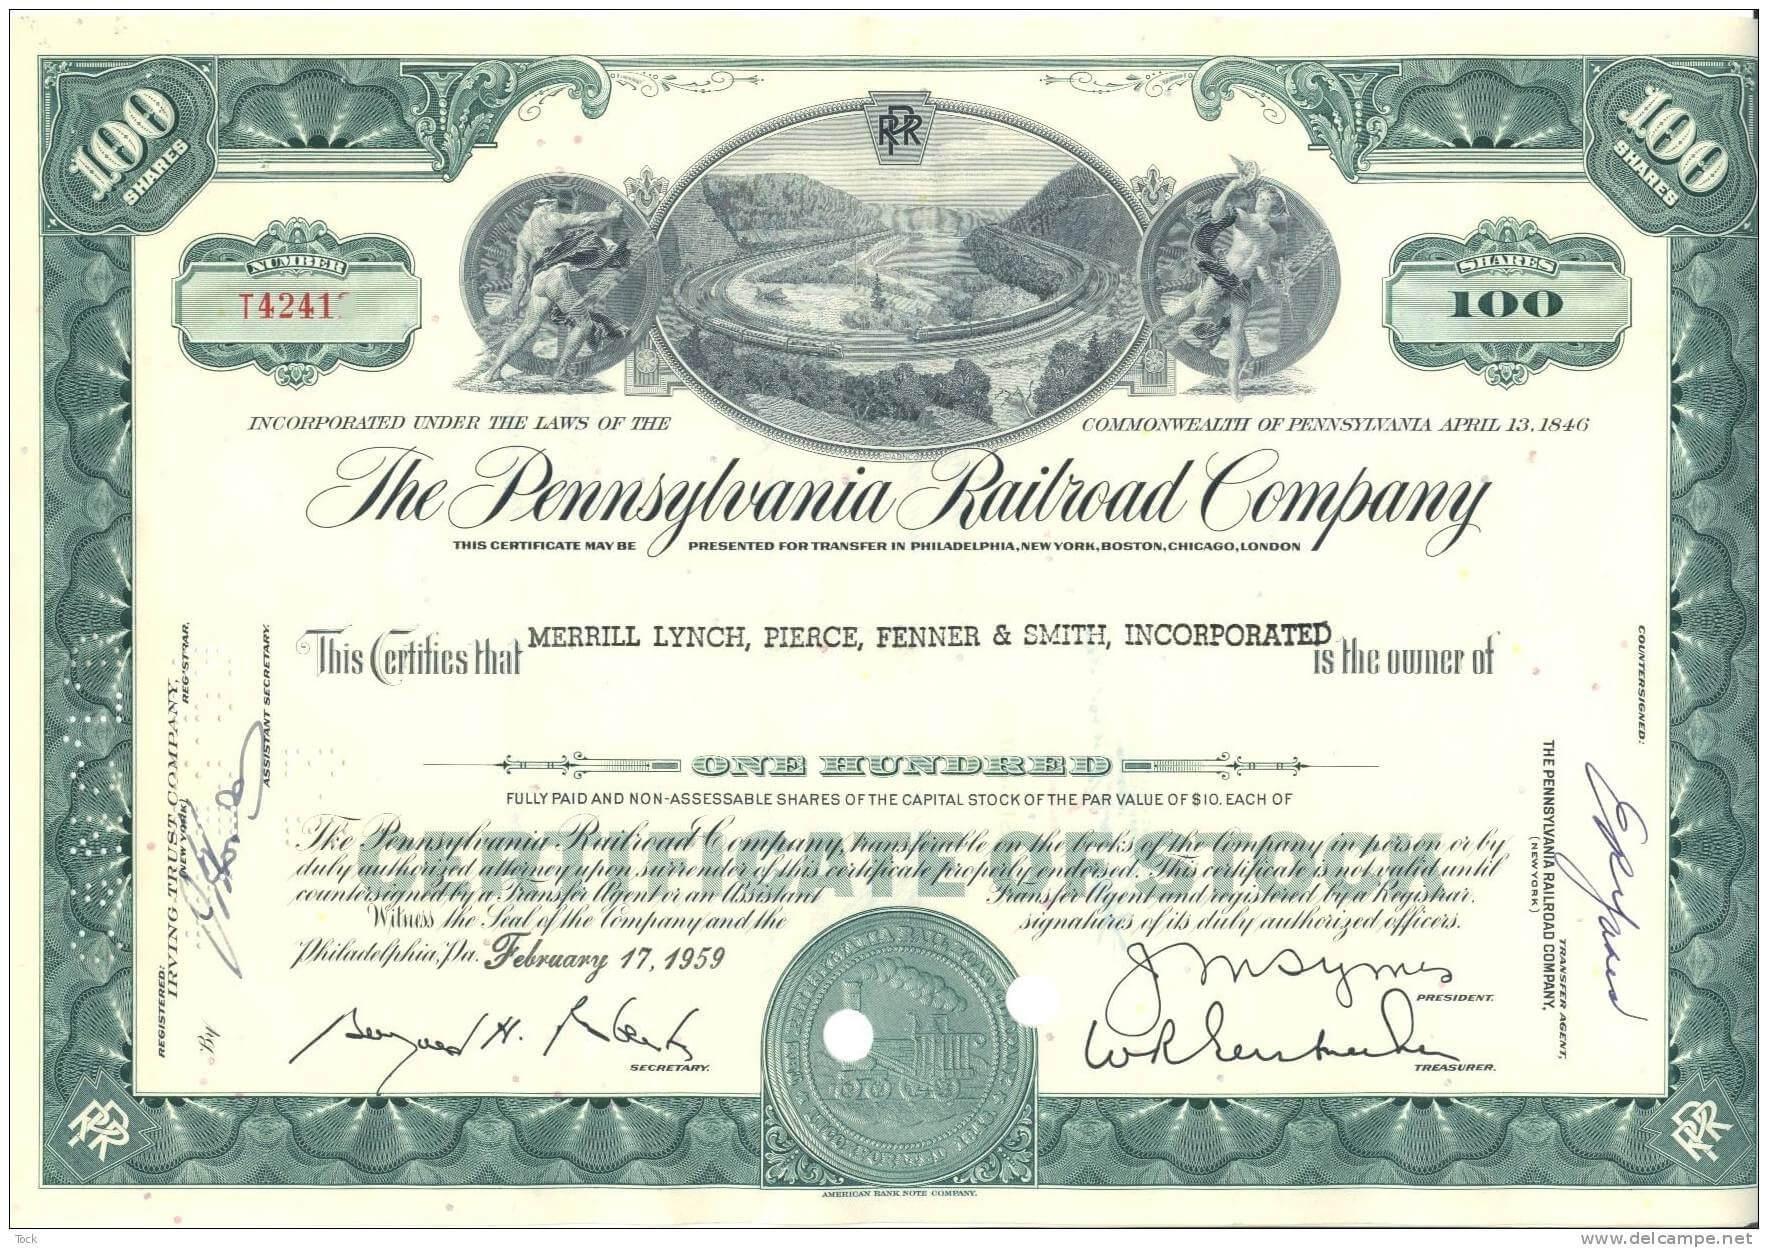 Corporate Bond Certificate Template - Carlynstudio In Corporate Bond Certificate Template